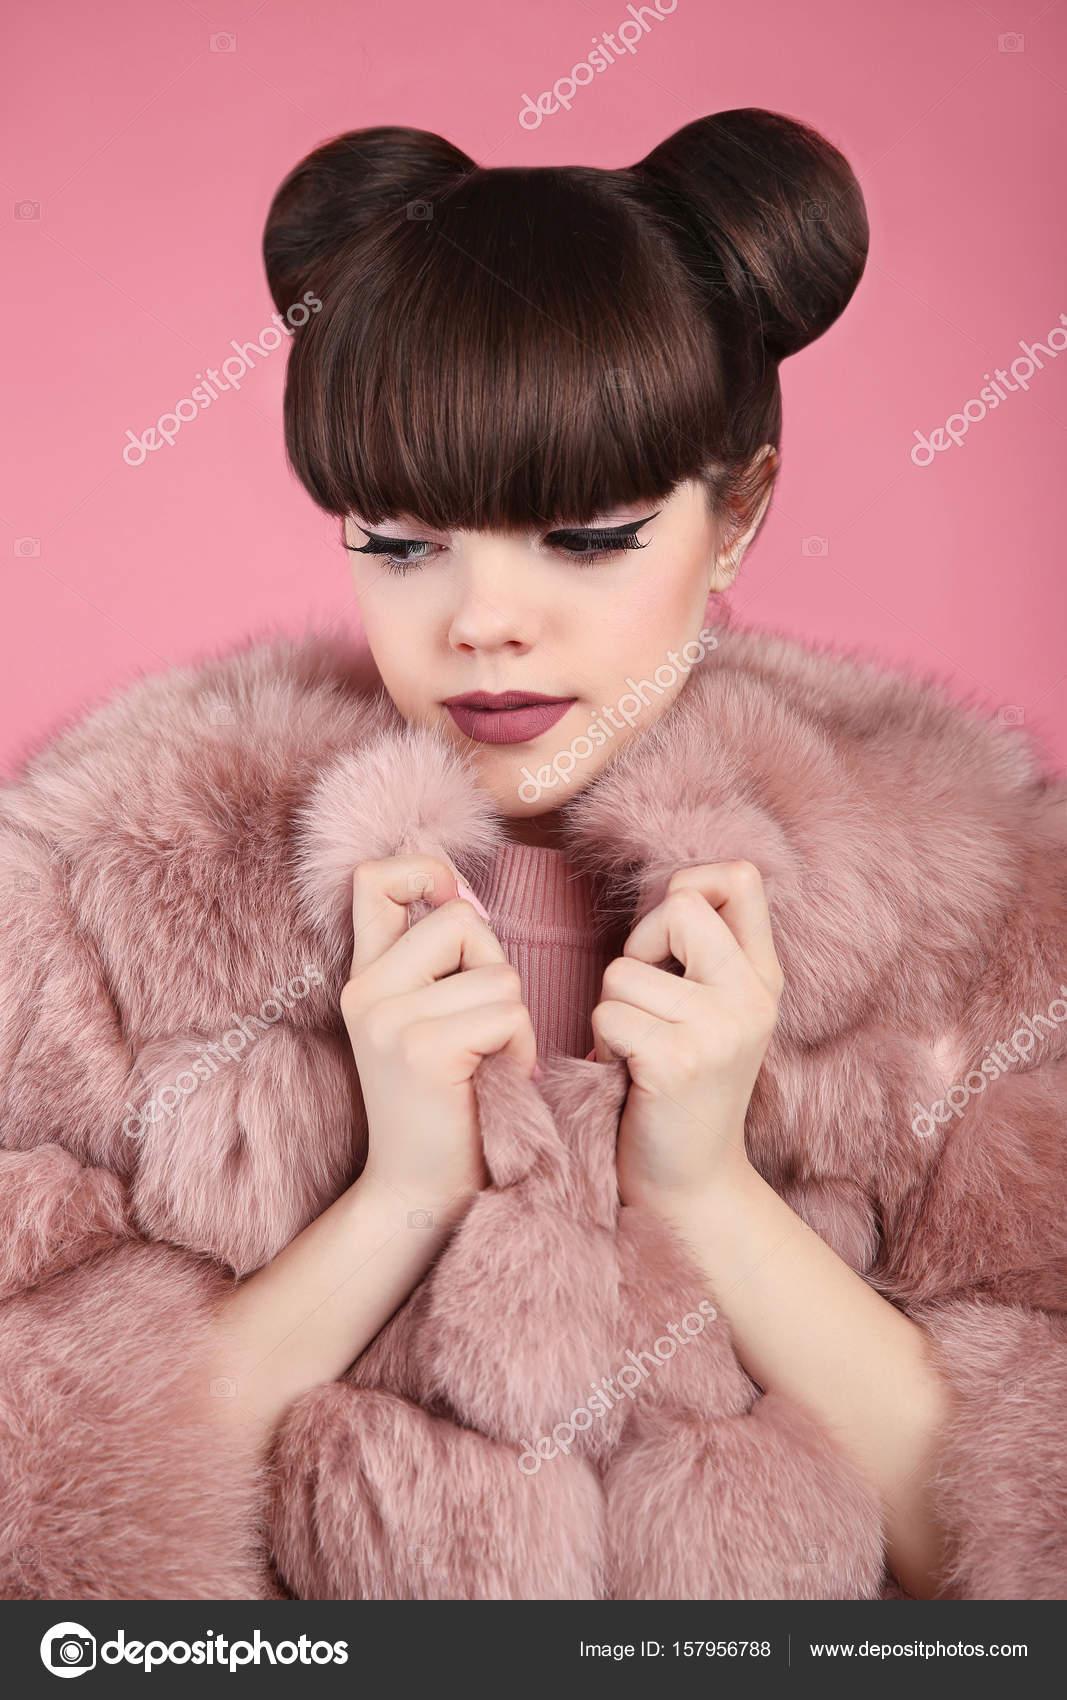 Ομορφιά Μακιγιάζ. Μόδα κορίτσι έφηβος μοντέλο σε ροζ γούνινο παλτό. Brunett  — Φωτογραφία Αρχείου 805c2c4153b